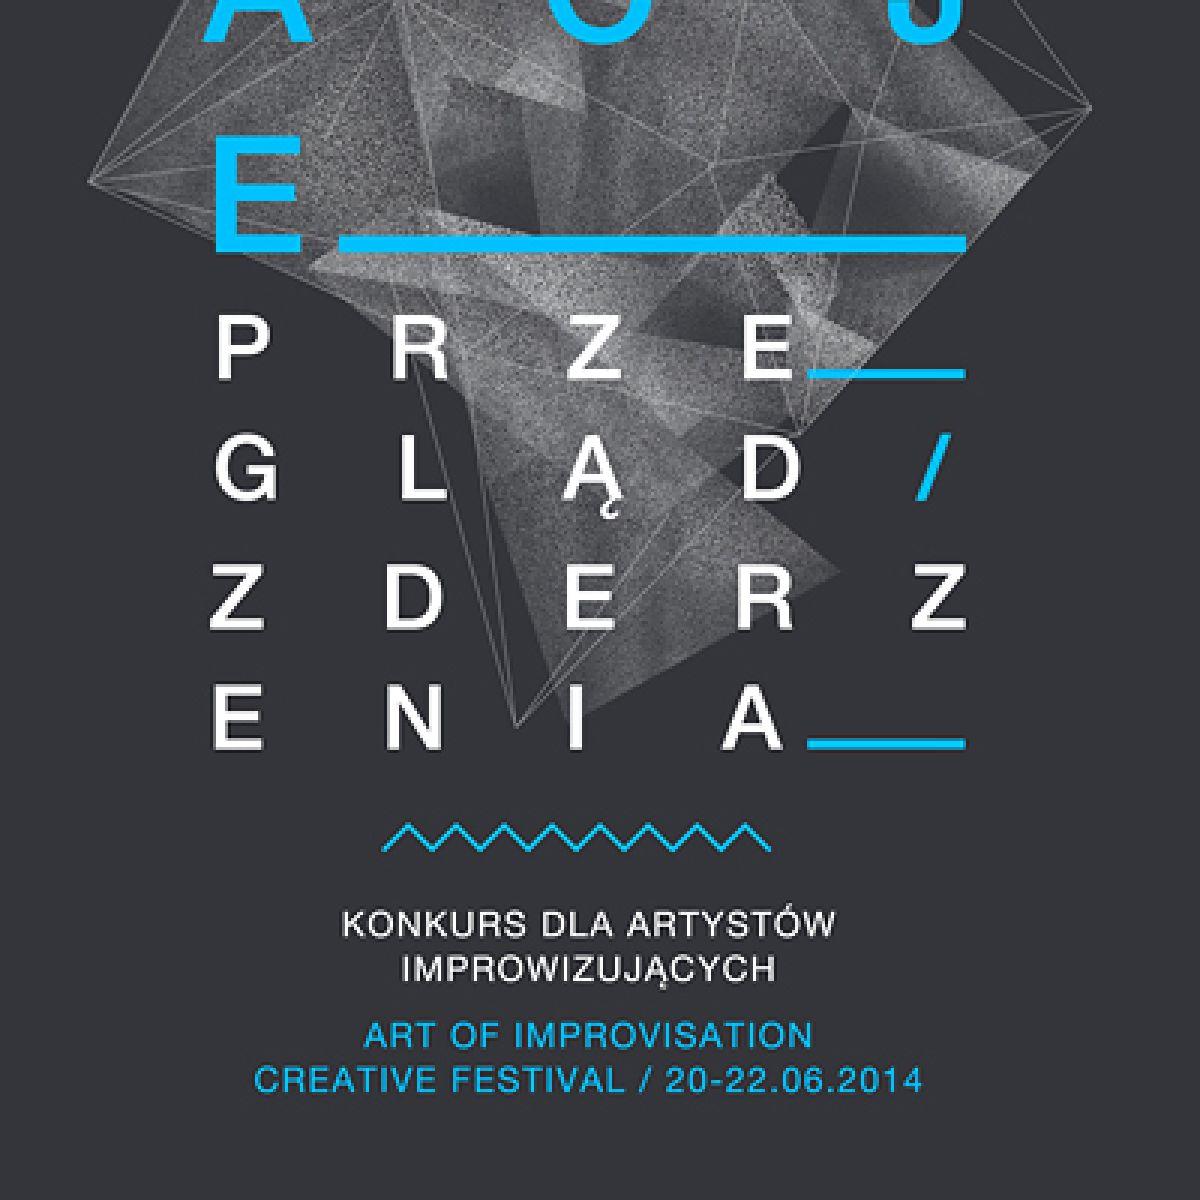 Konkurs dla artystów - improwizujących w ramach ART OF IMPROVISATION Creative Festival 2014